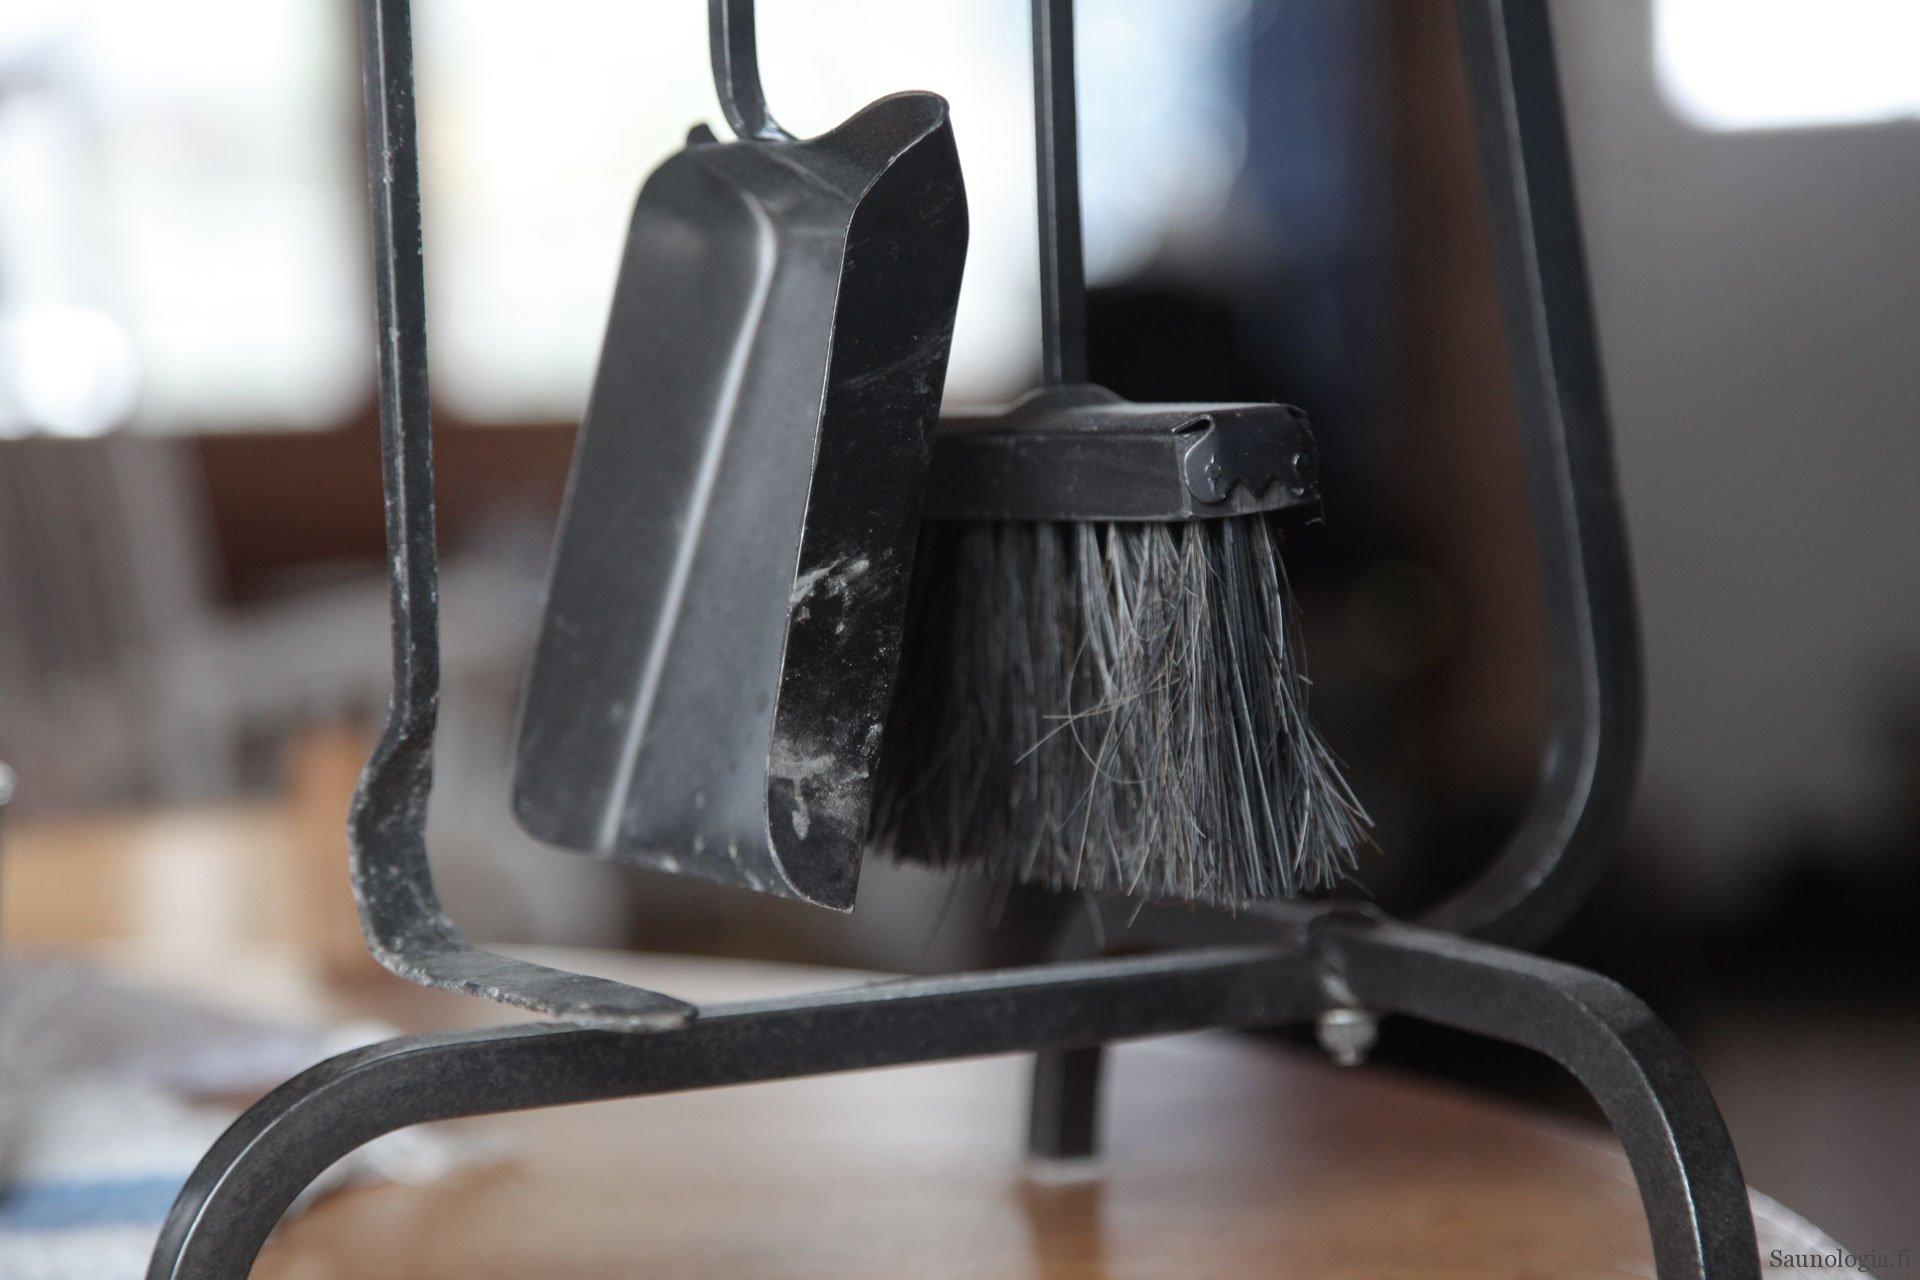 170404-tulisijan-siivousvalineet-8370